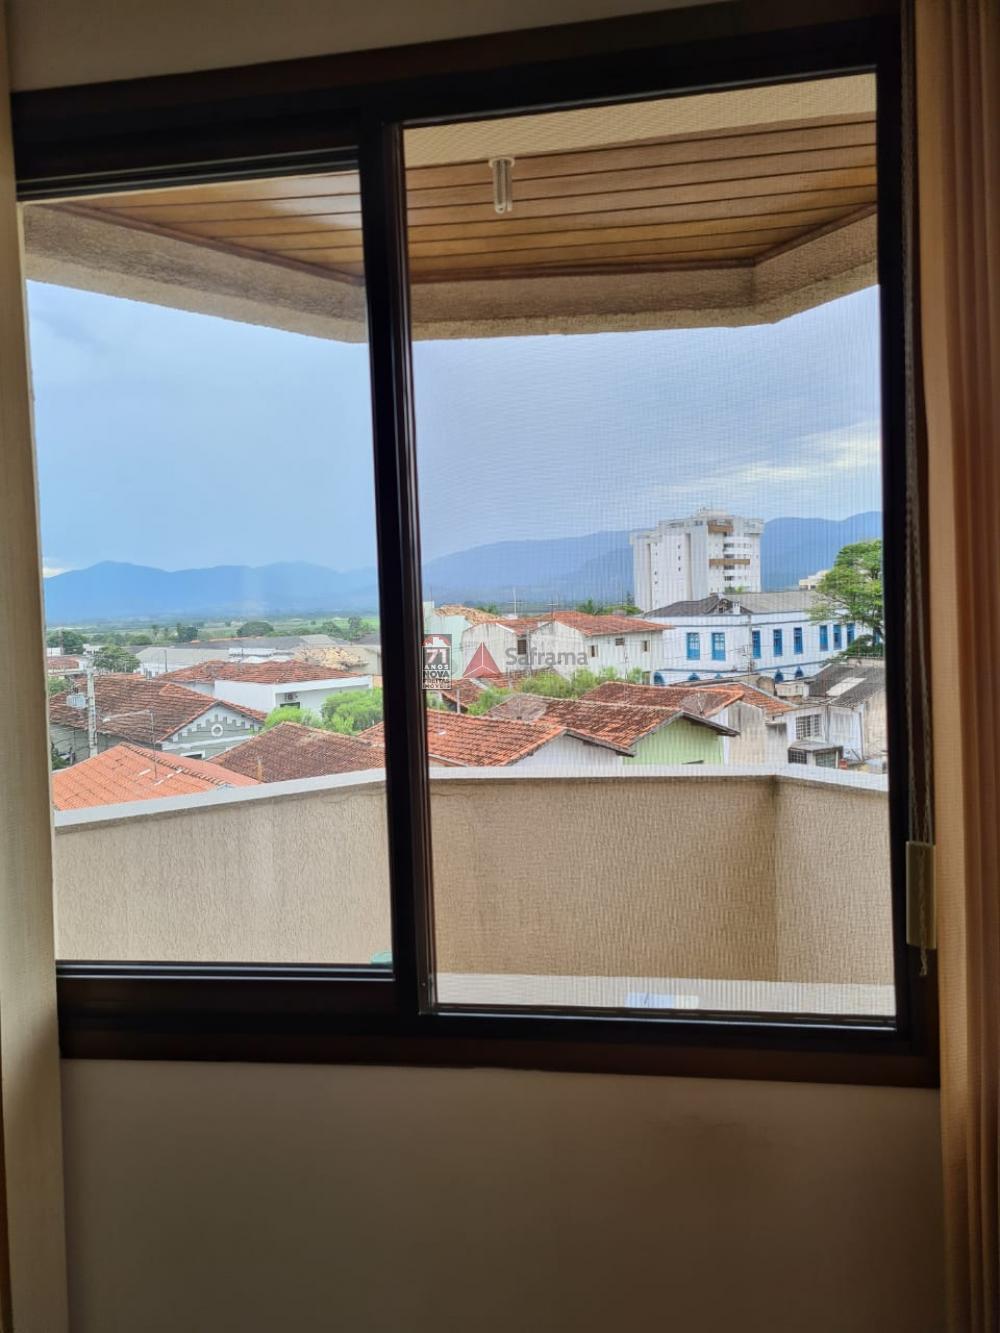 Comprar Apartamento / Padrão em Pindamonhangaba apenas R$ 430.000,00 - Foto 4